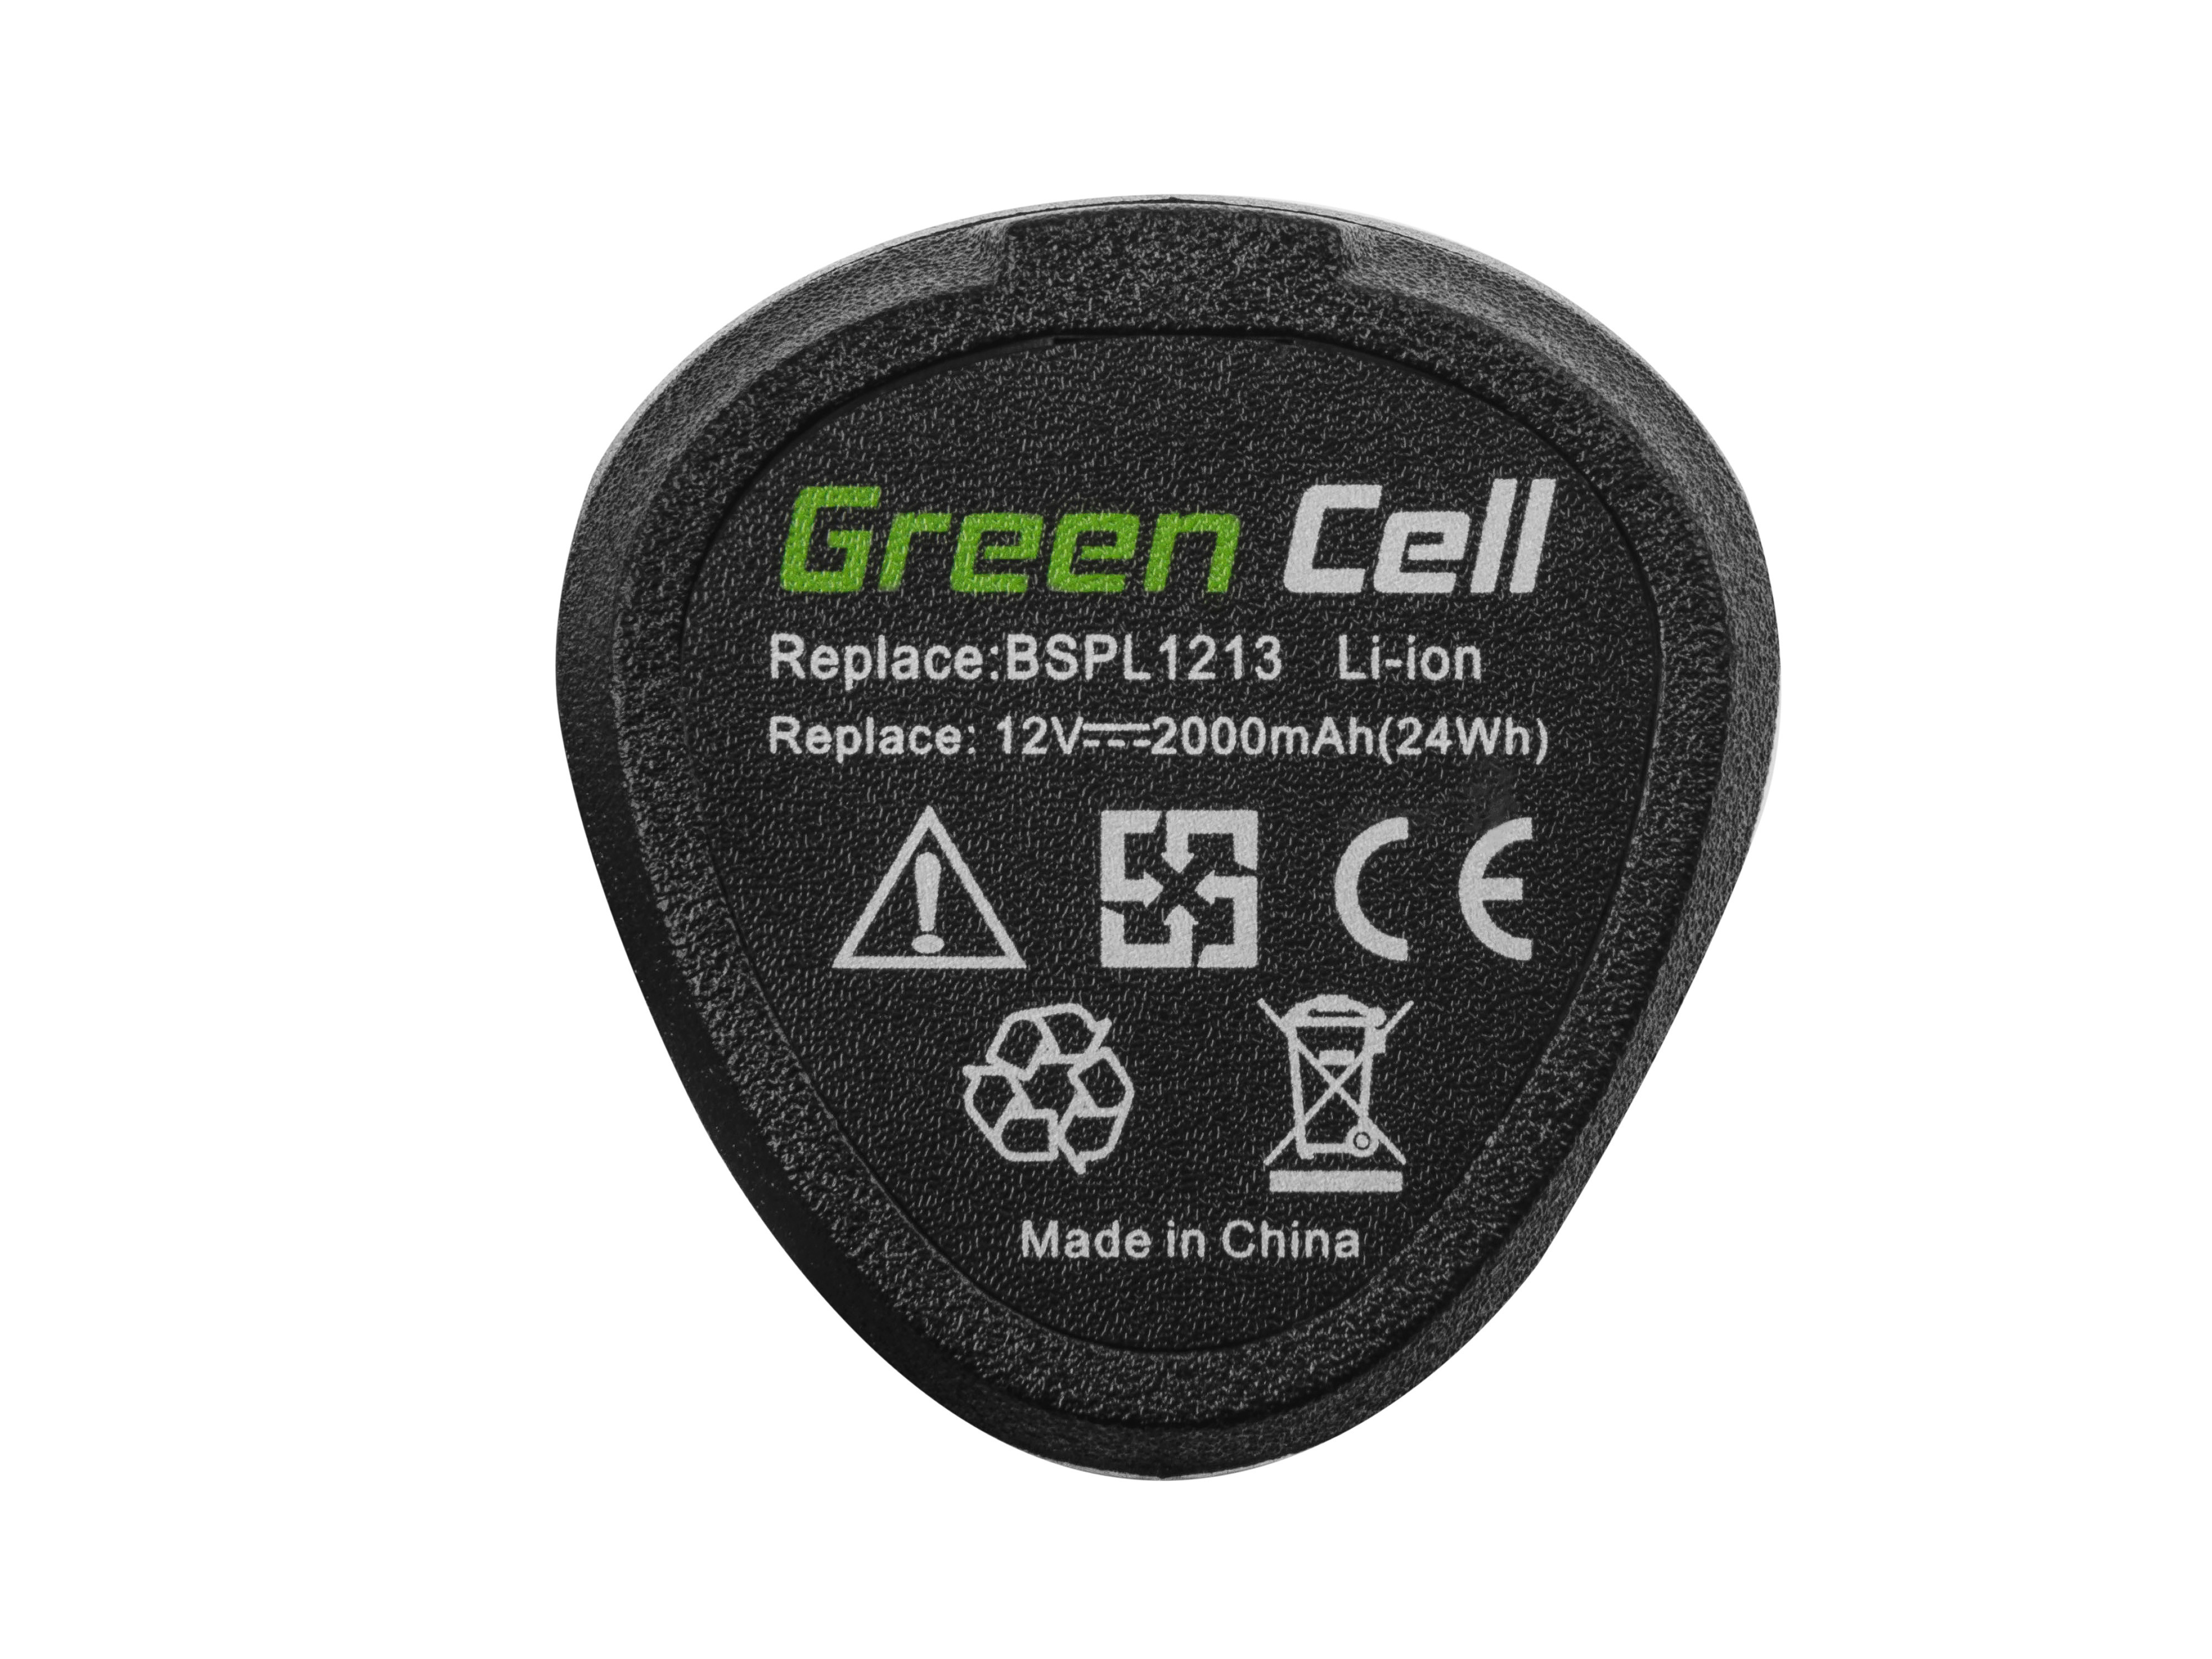 Green Cell Baterie (2Ah 12V) 5130200008 BSPL1213 B-1013L pro Ryobi RCD12011L RMT12011L RRS12011L BB-1600 BHT-2600